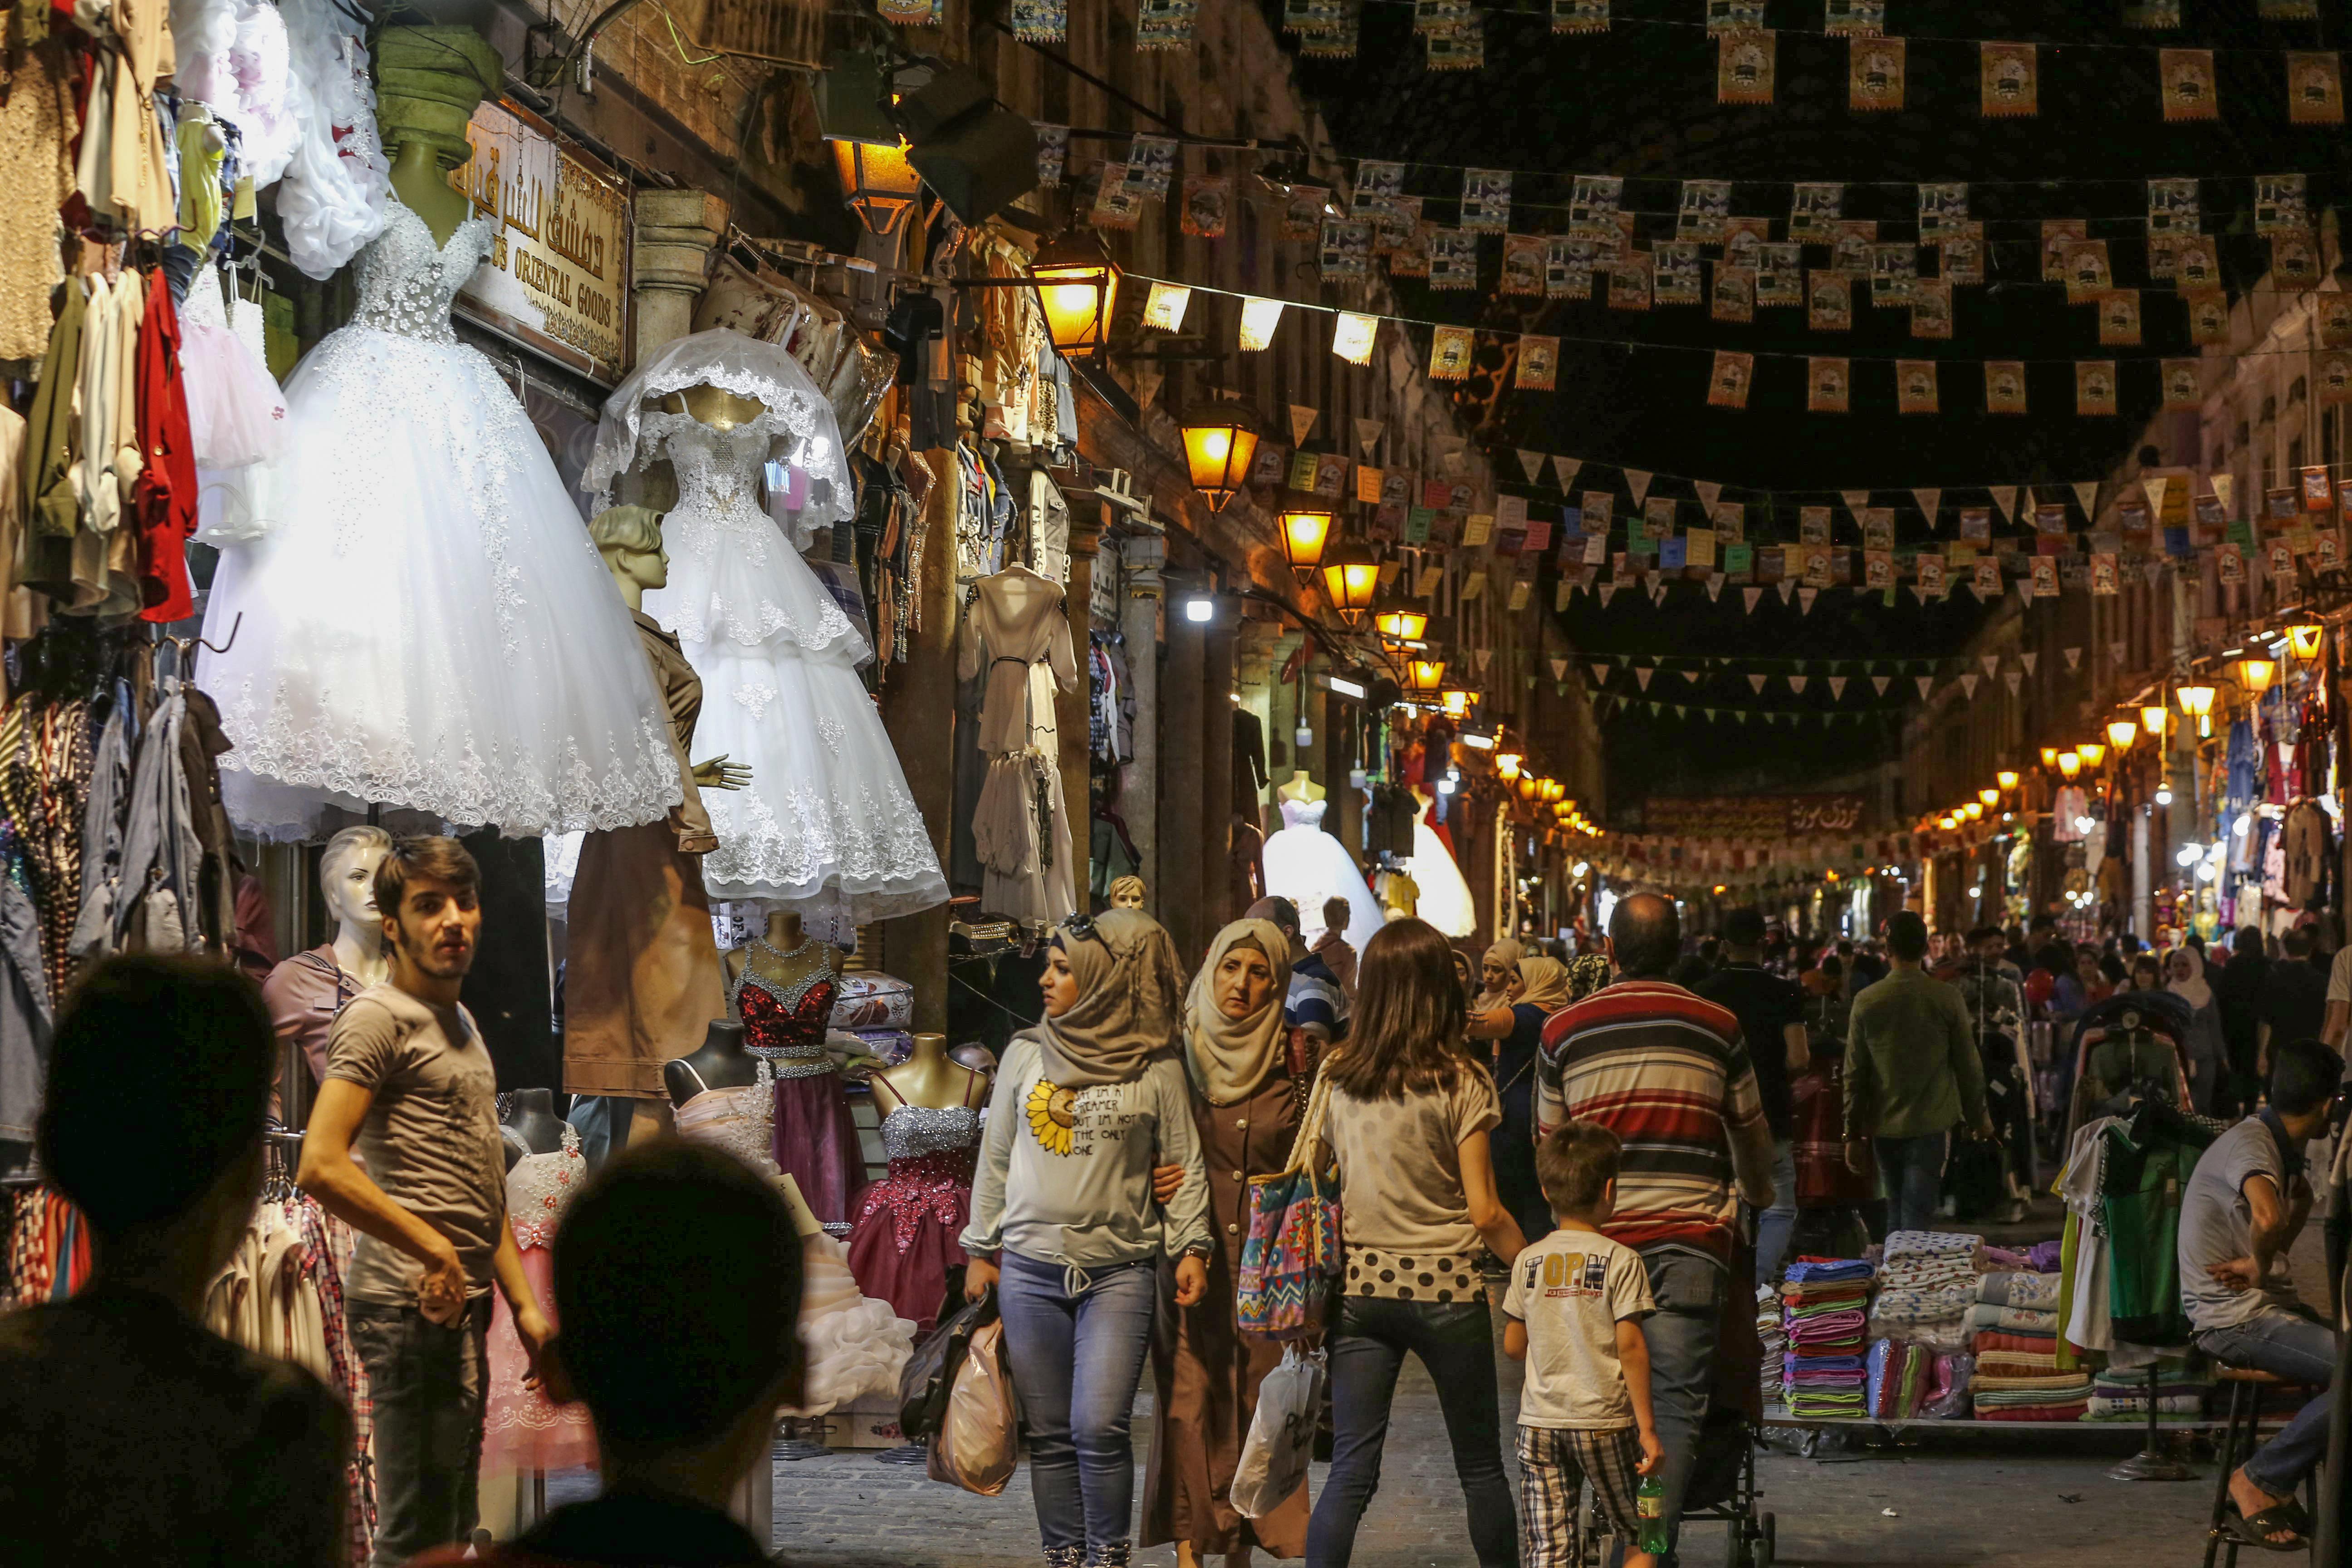 متسوقون سوريون في سوق الحميدية وسط دمشق